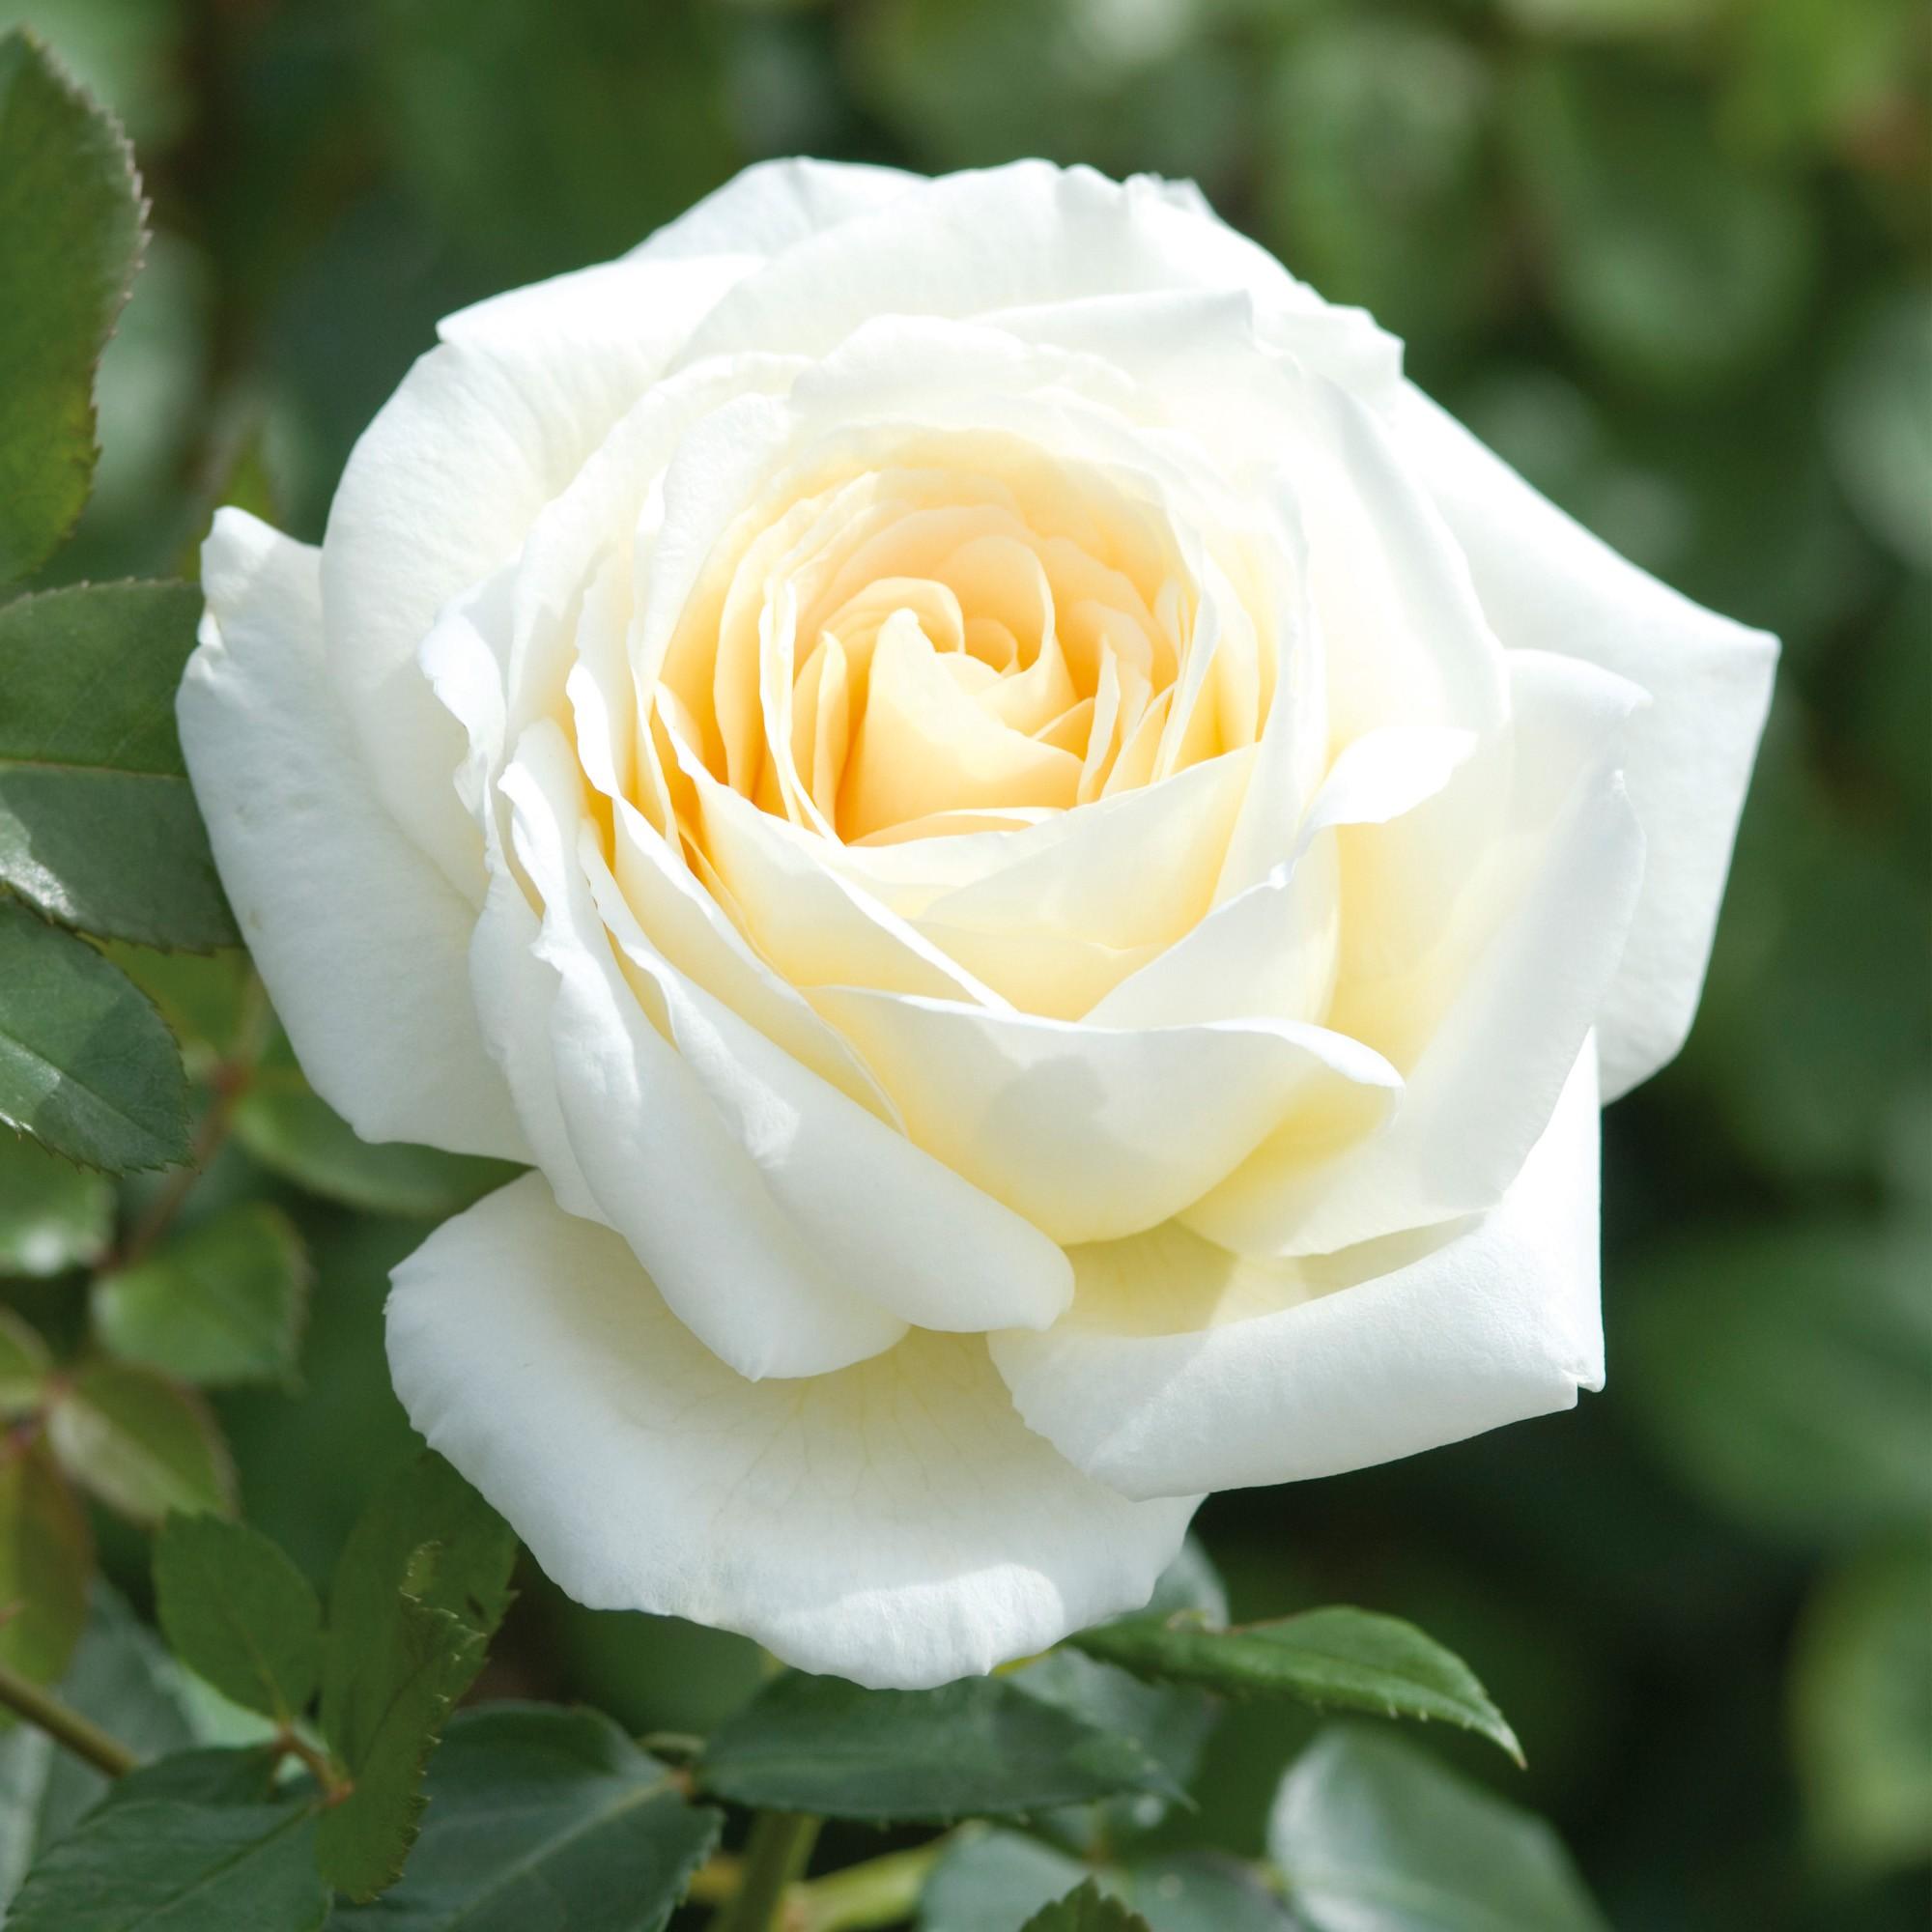 Саженец розы Крем де ля крем: фото и описание